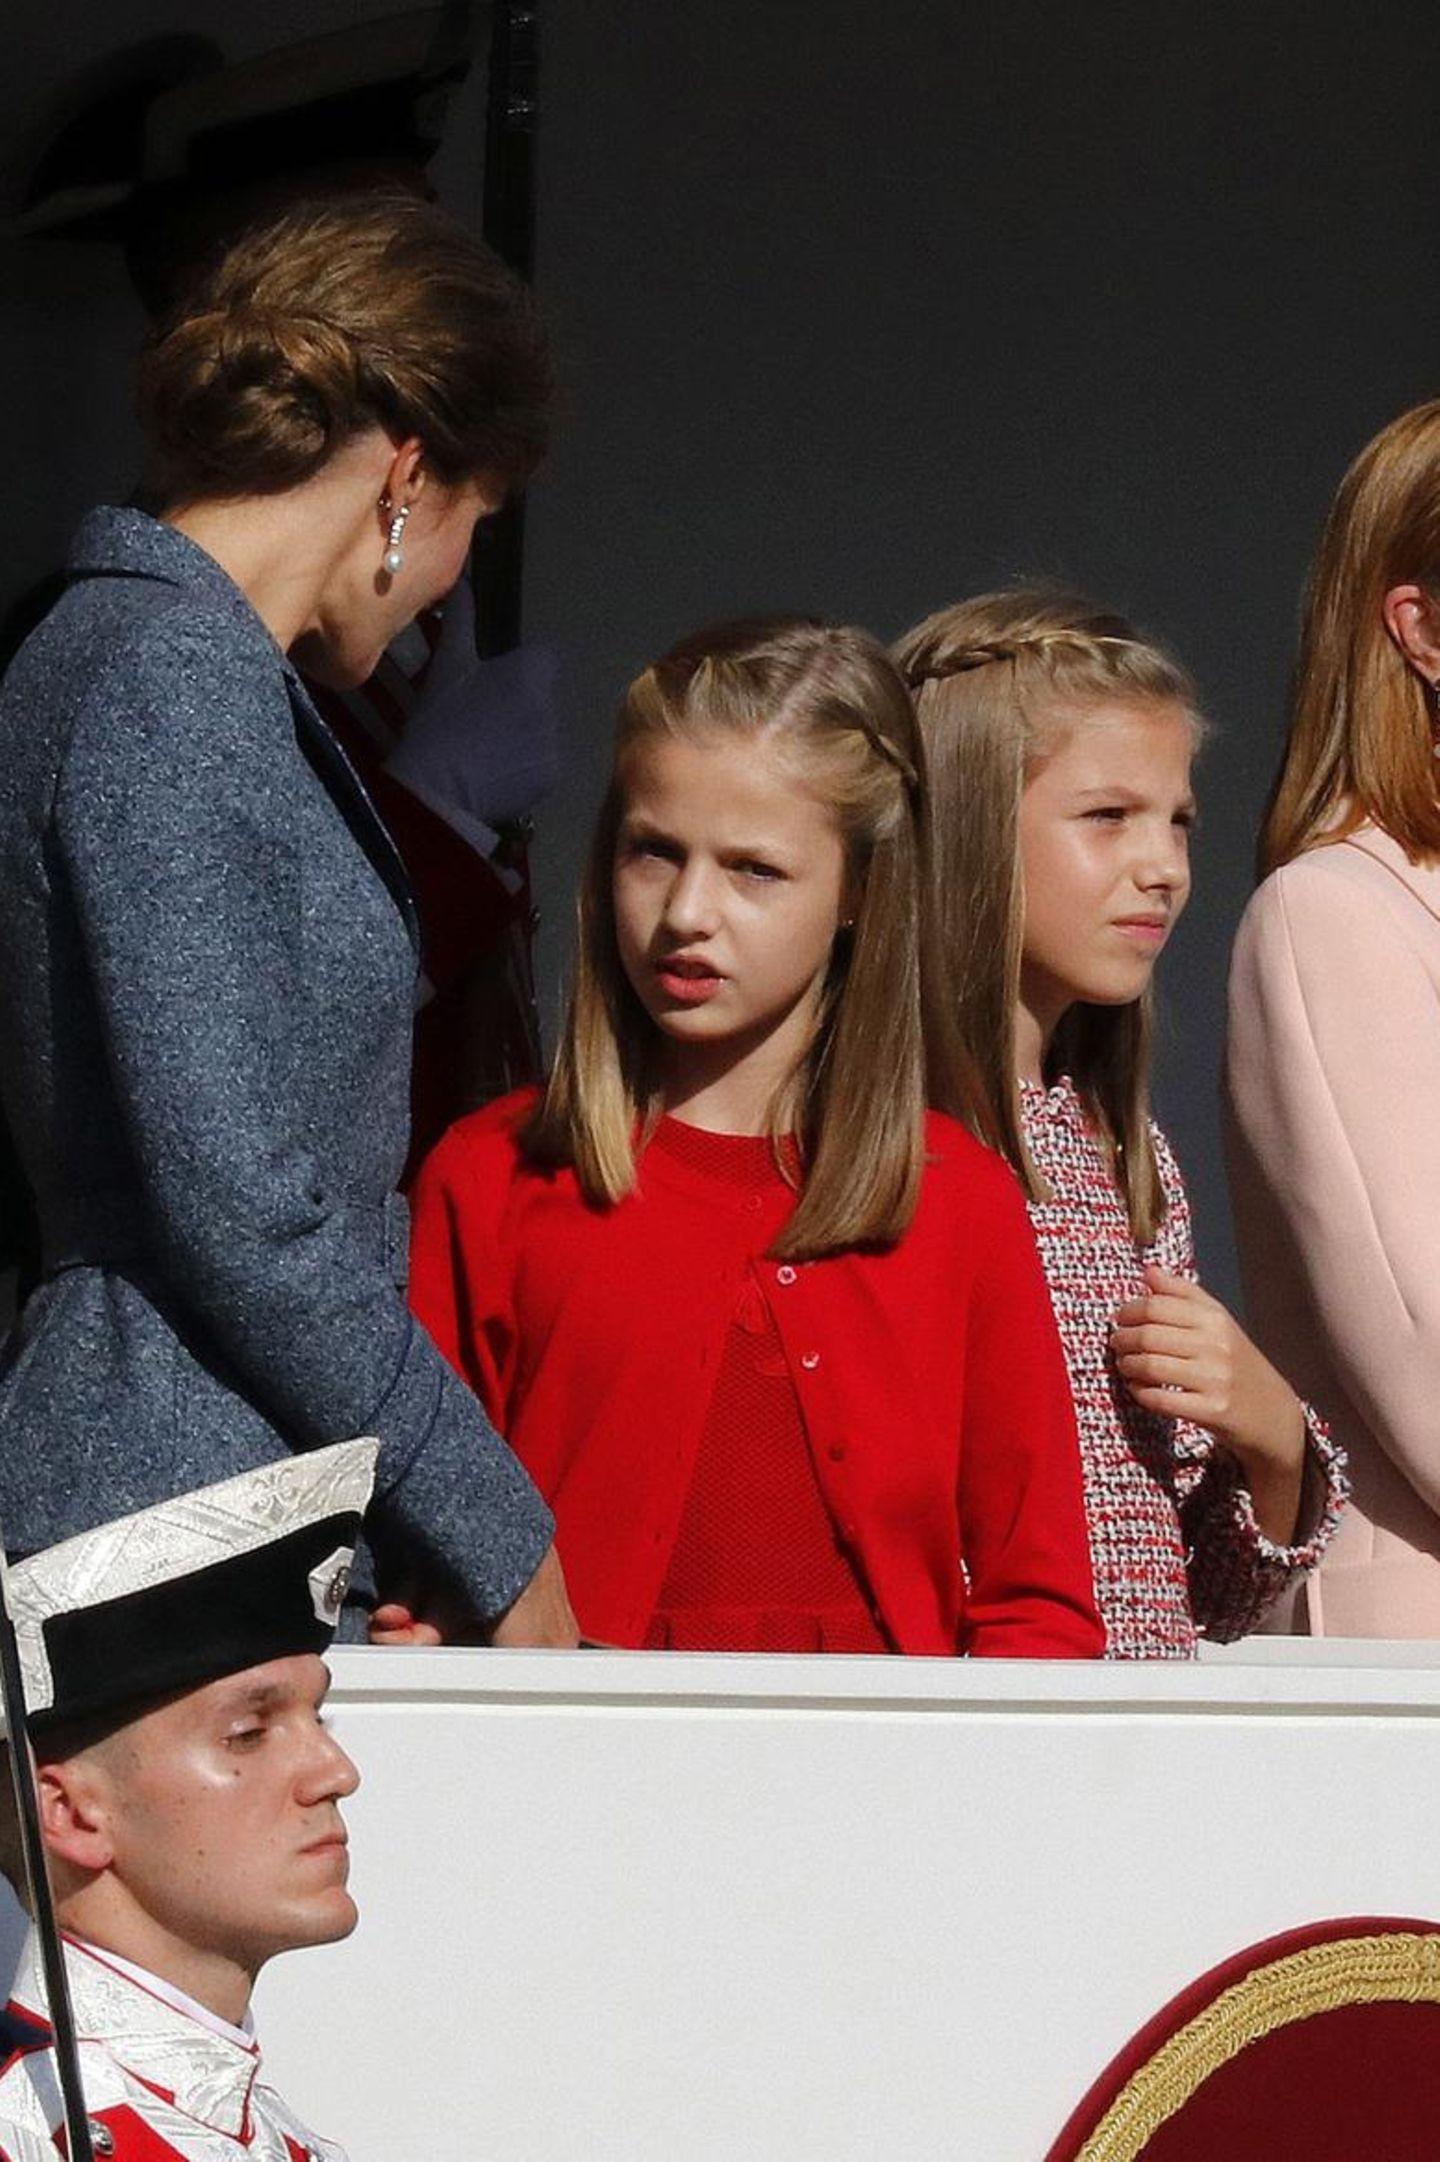 12. Oktober 2017  Deswegen sind bei den jungen Prinzessinnen auch noch einige Fragen offen, die Letizia ihnen ruhig beantwortet.